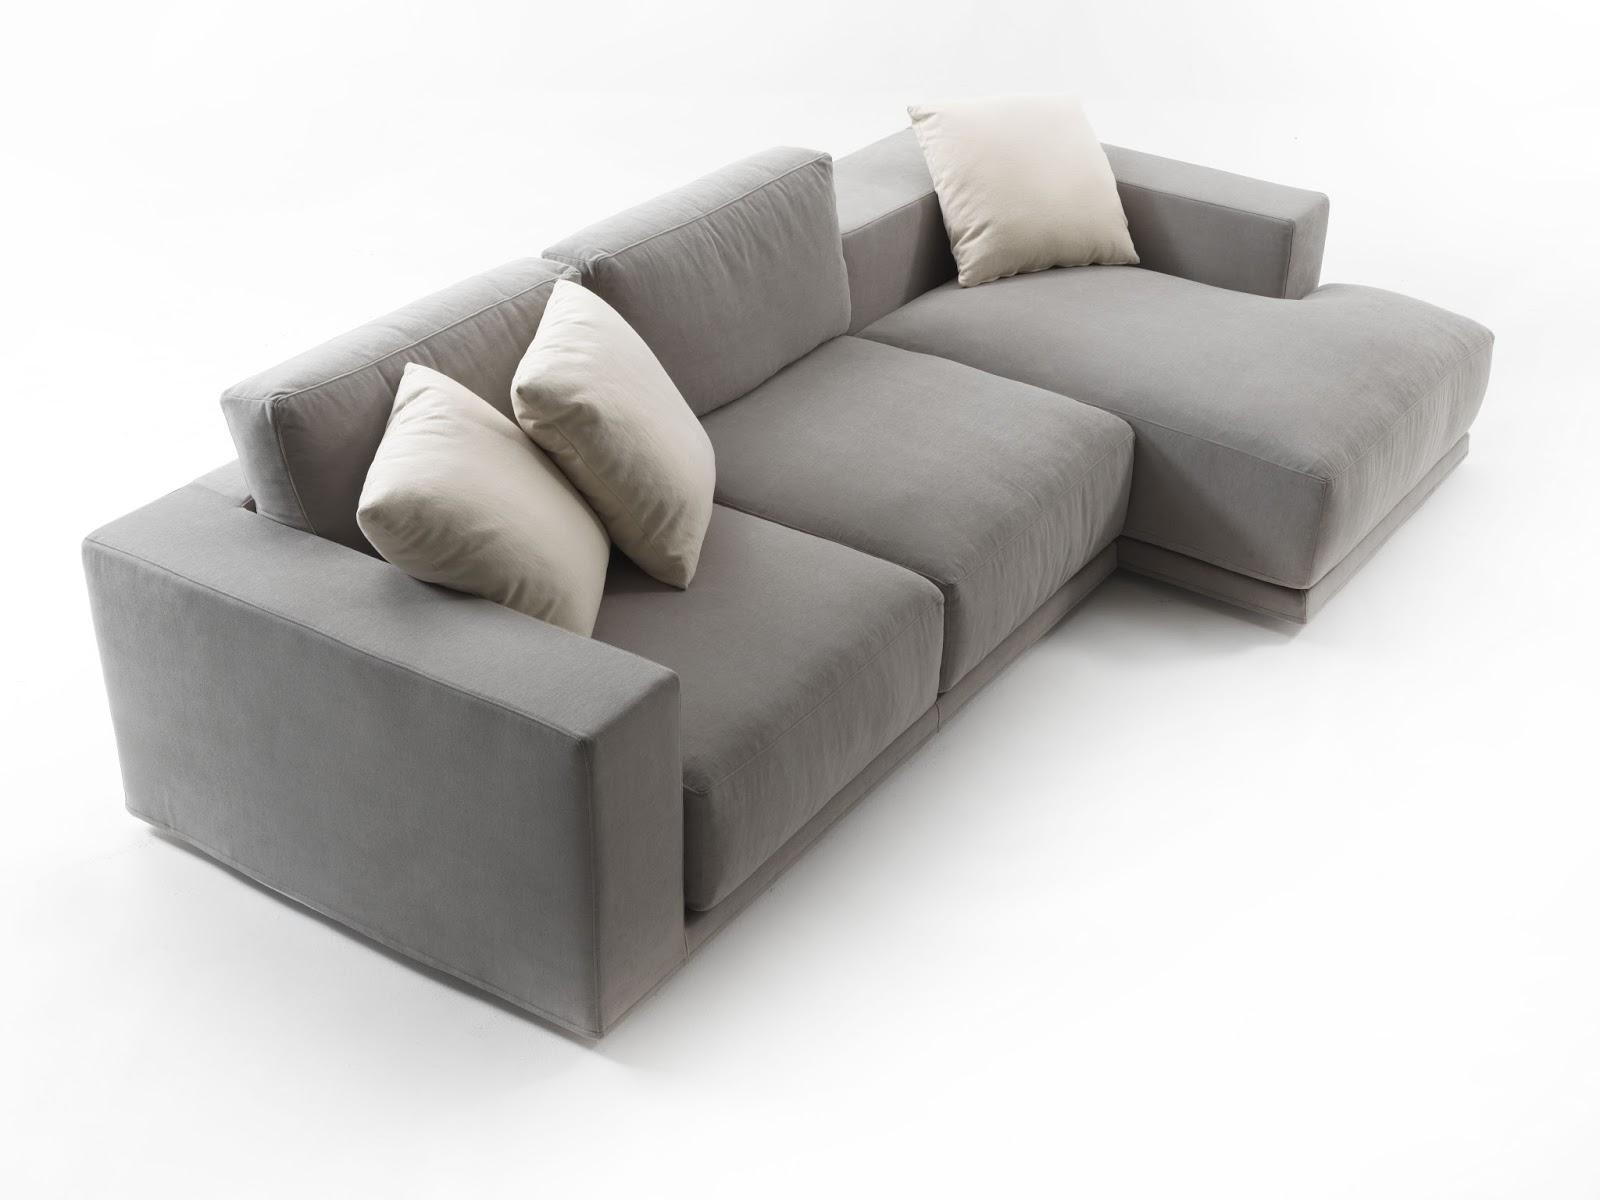 Santambrogio salotti produzione e vendita di divani e - Divano letto piccole dimensioni ...